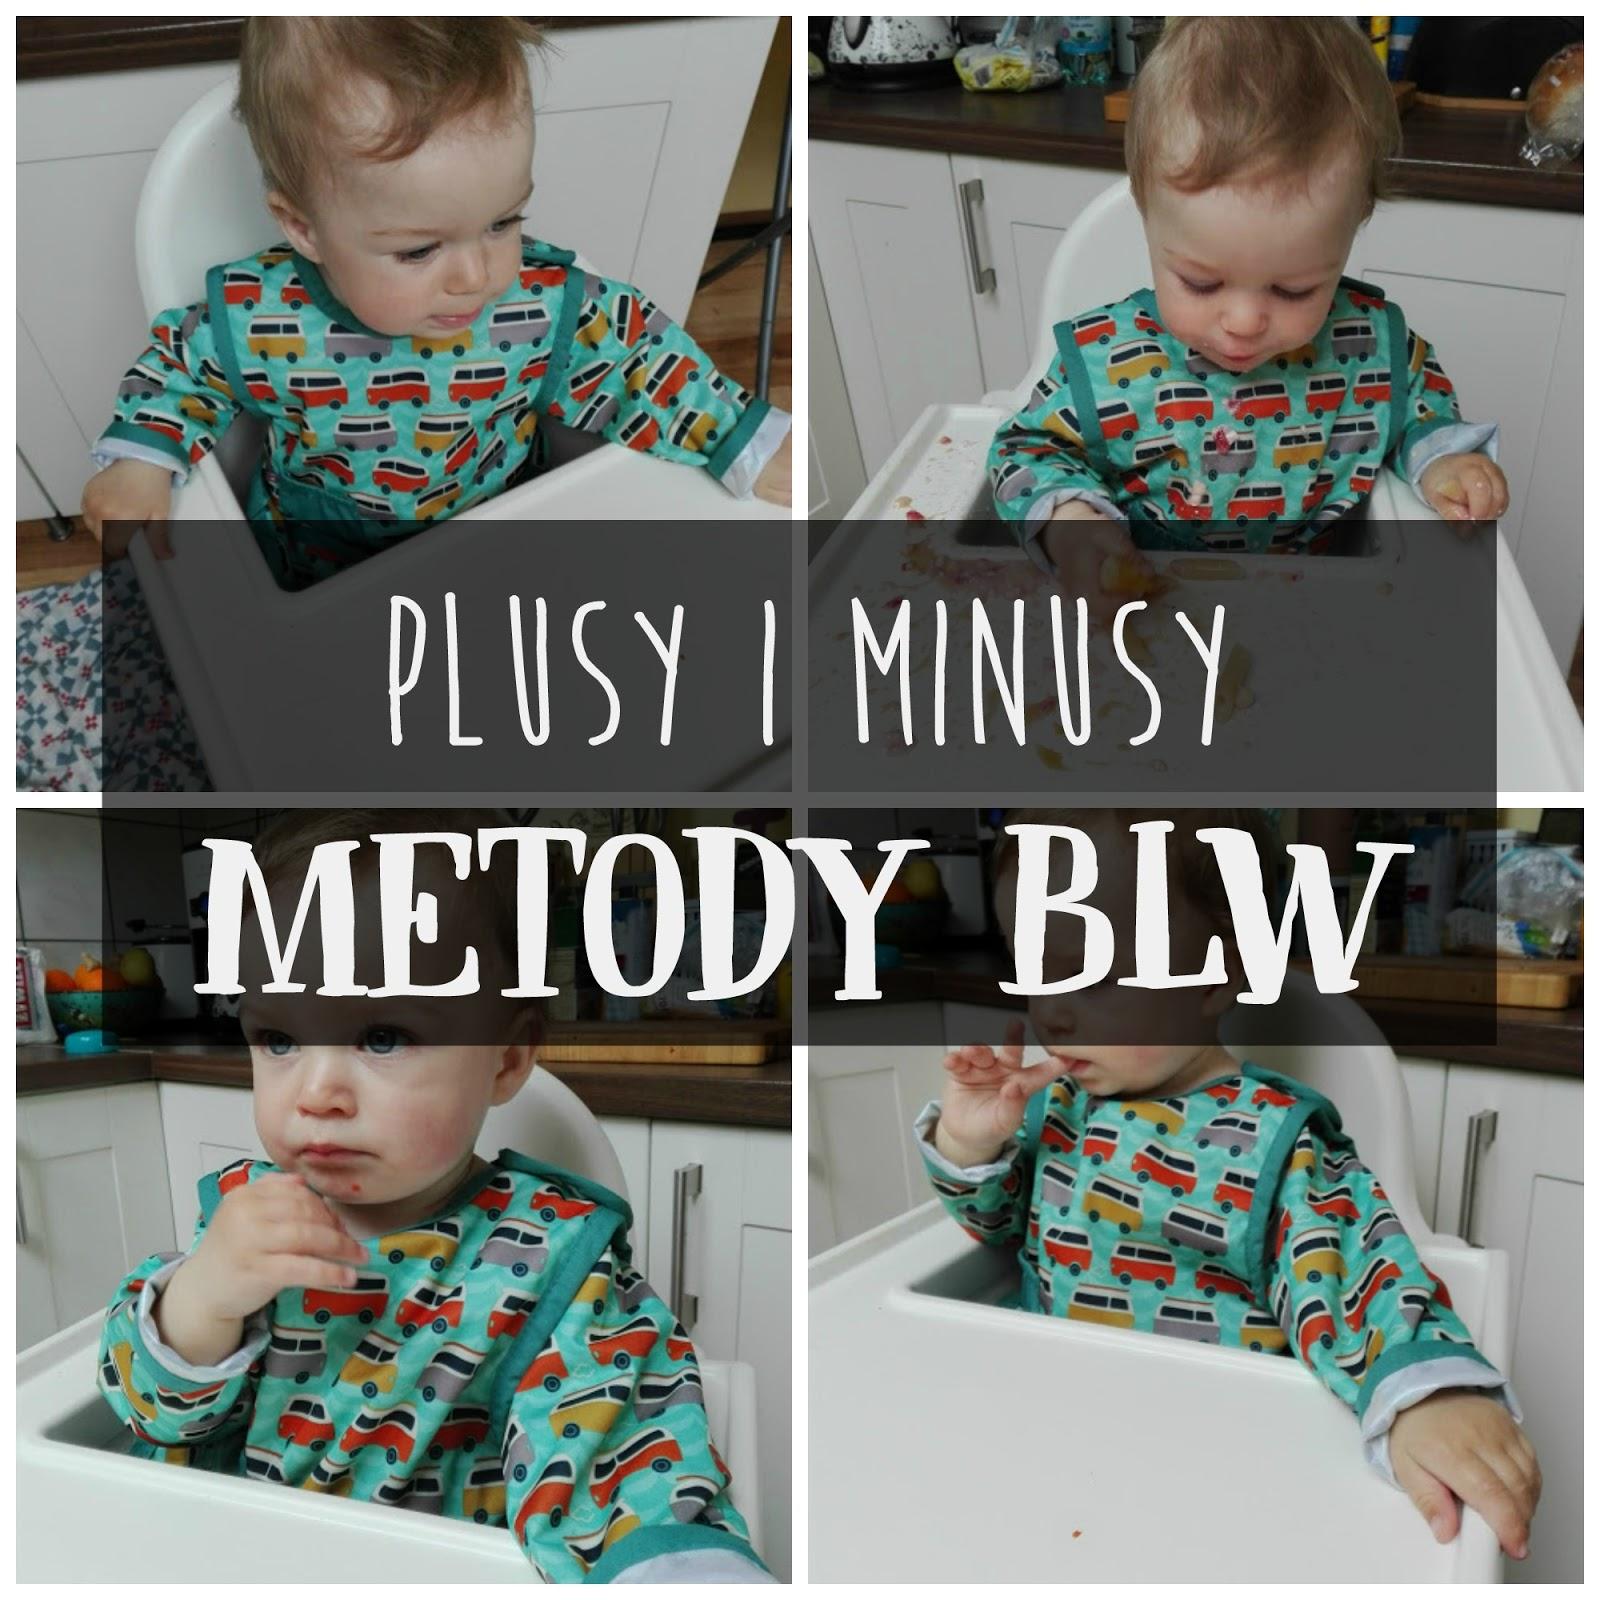 Plusy i minusy BLW, BLW